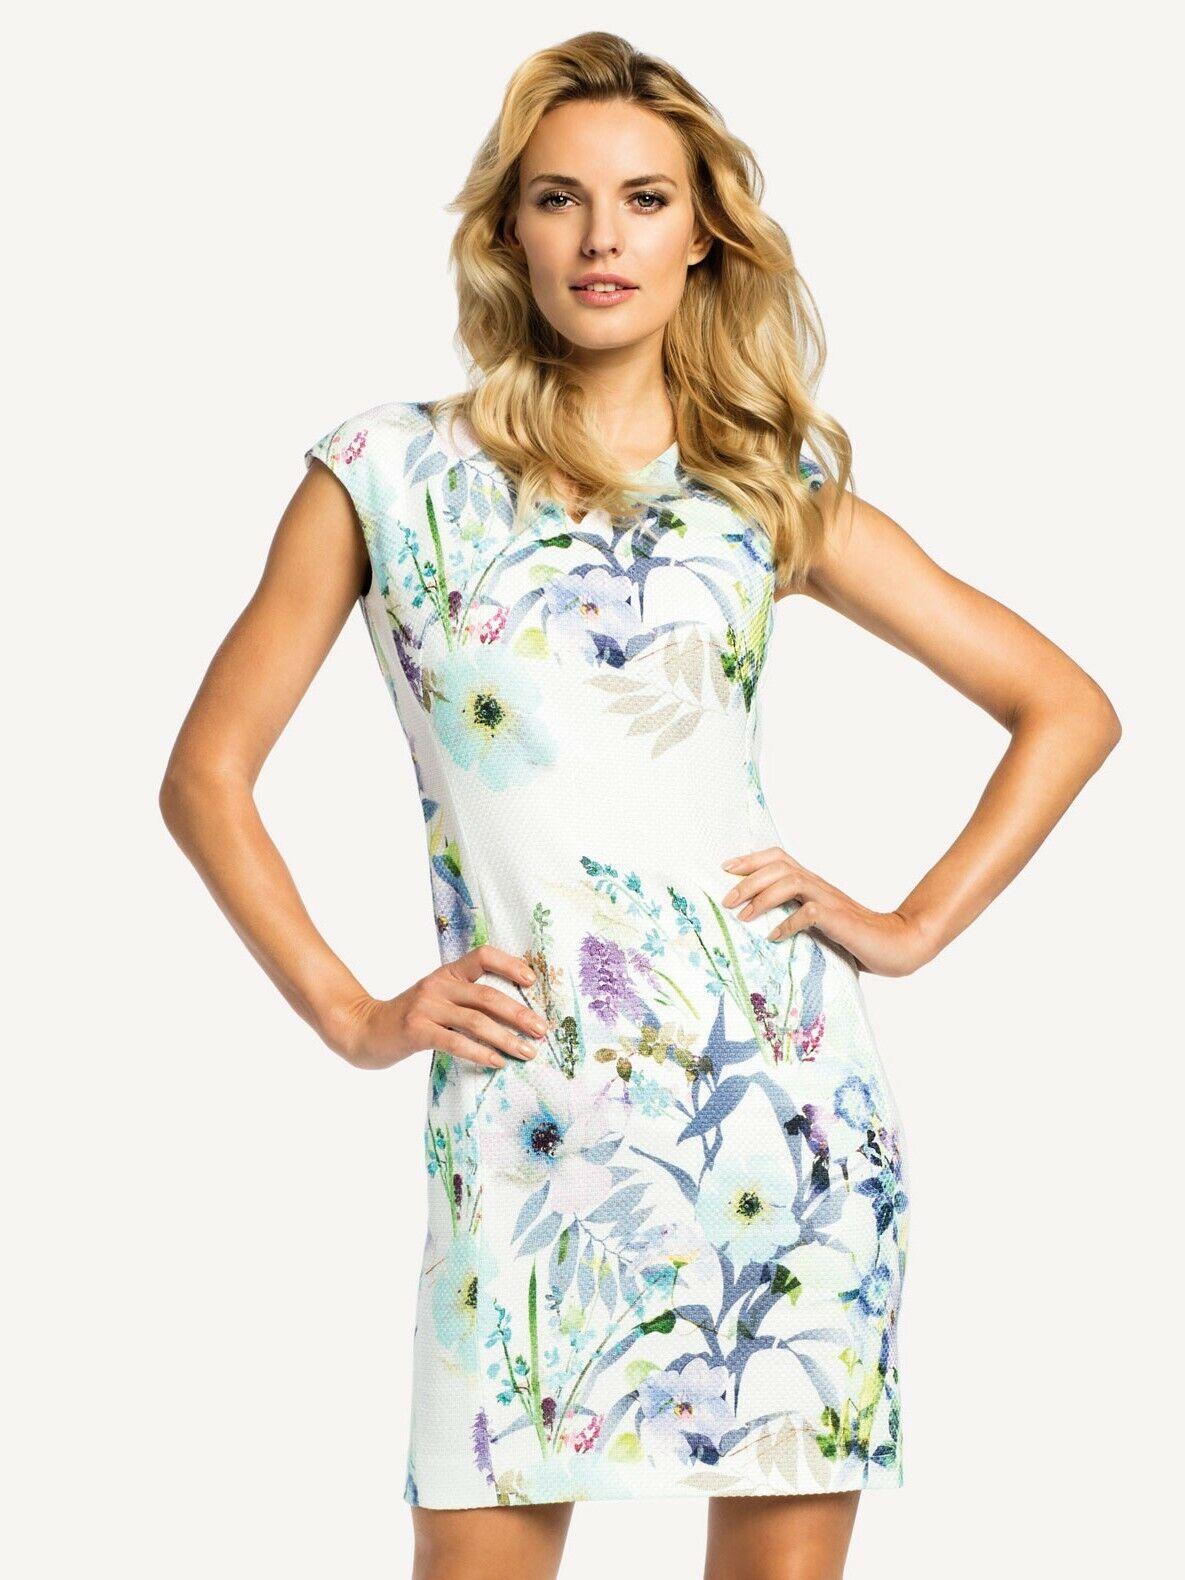 details zu elegantes kleid mit blumenmuster Ärmellos knielang mehrfarbig  gr. 40 44 48